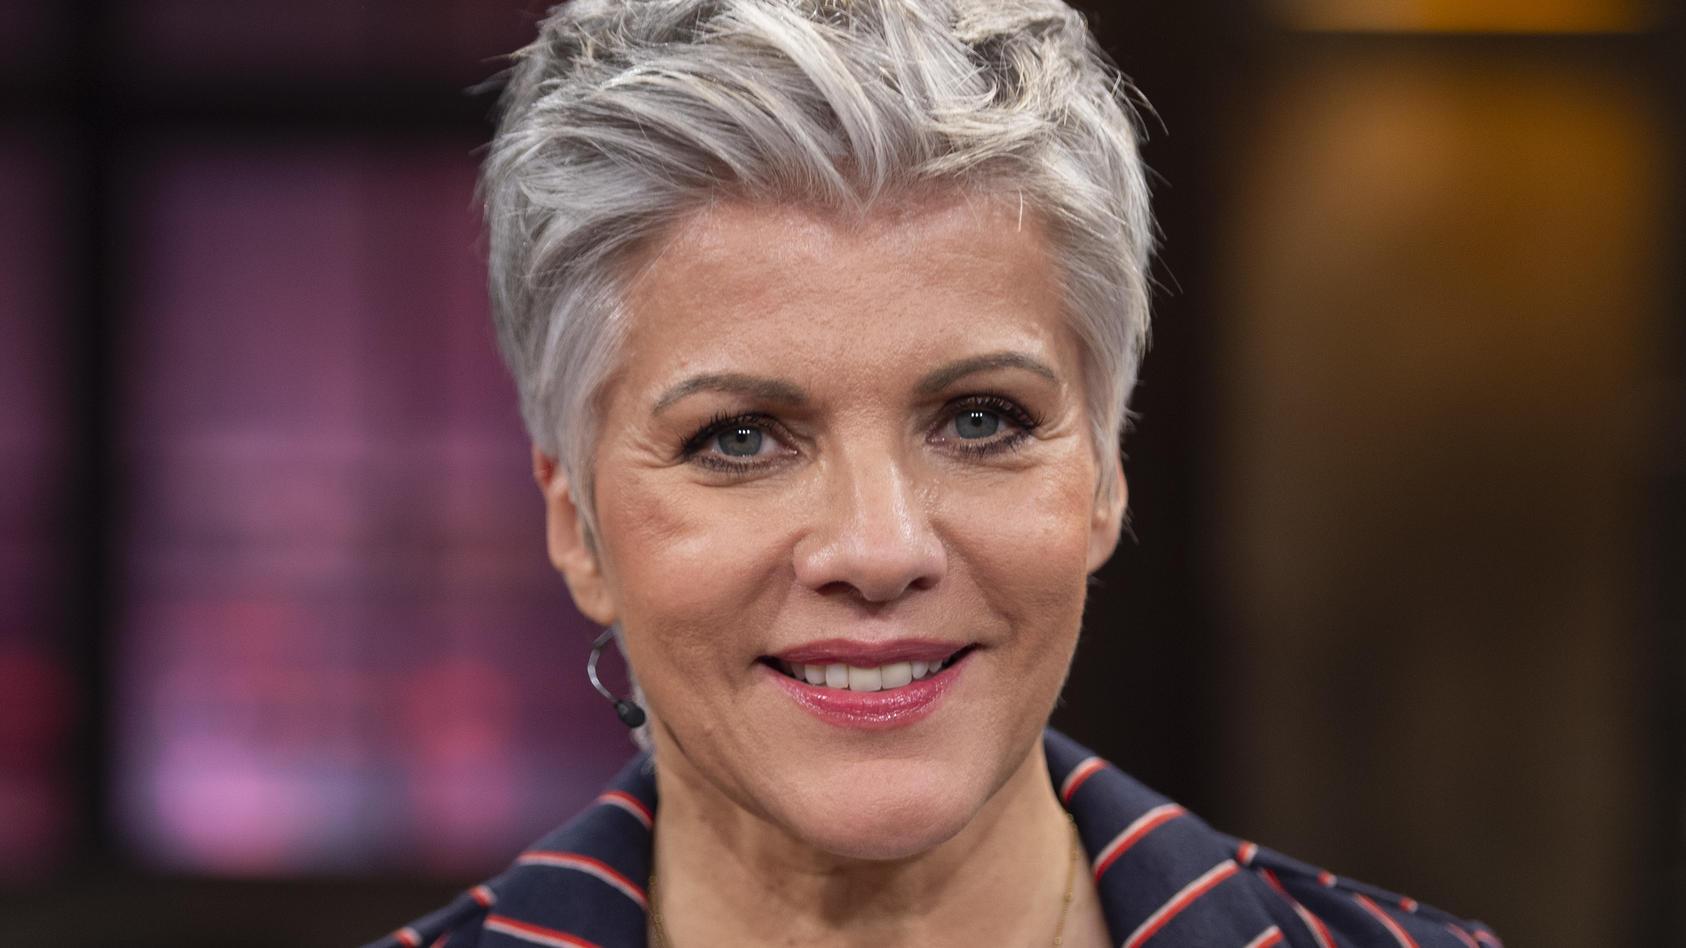 """Birgit Schrowange gibt in ihrem neuen Buch """"Birgit ungeschminkt"""" auch Finanztipps."""